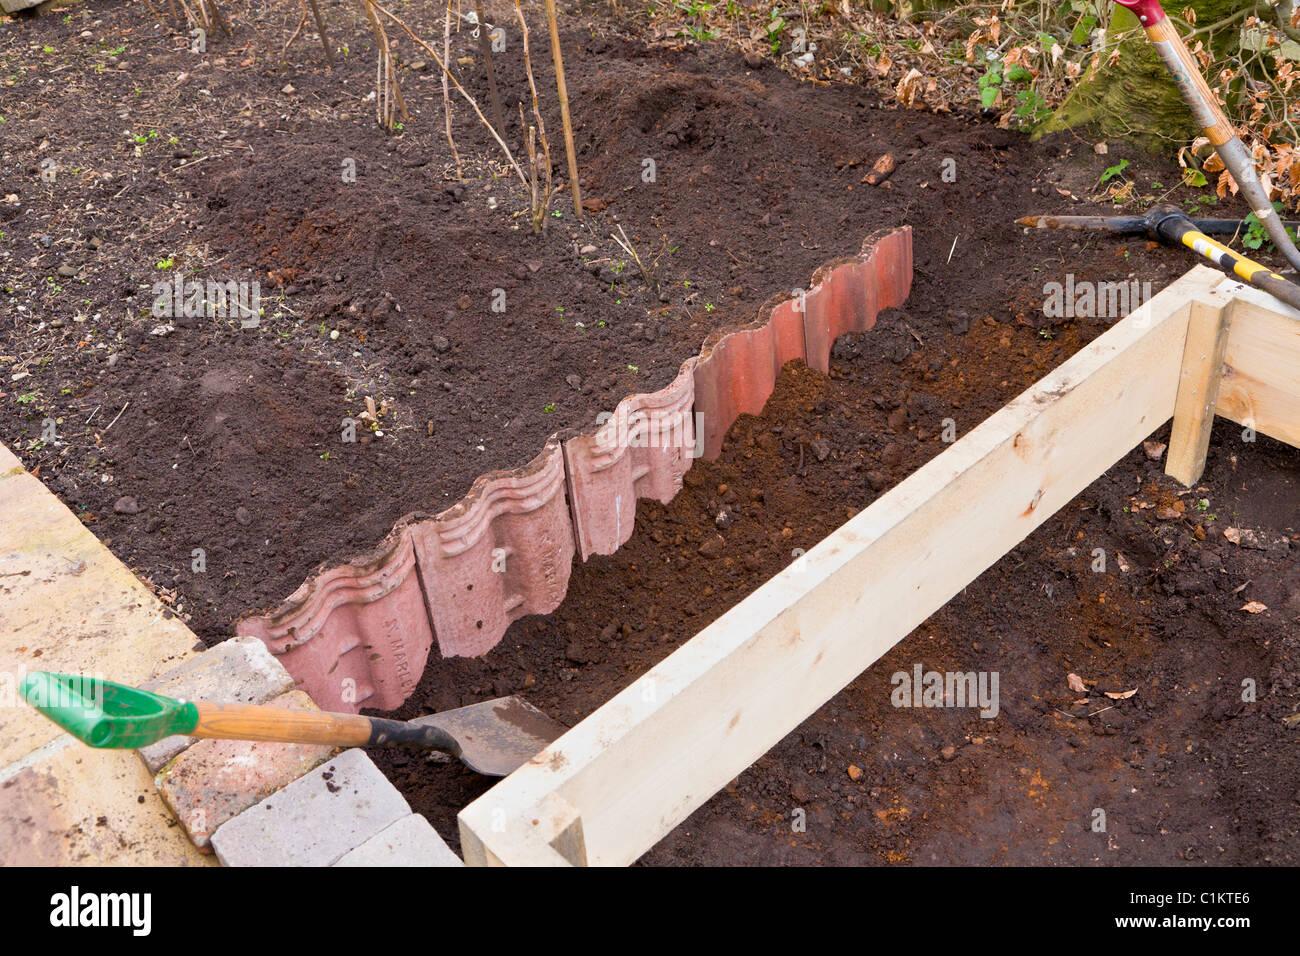 Dachziegel zur Himbeerpflanzen einschränken Stockbild